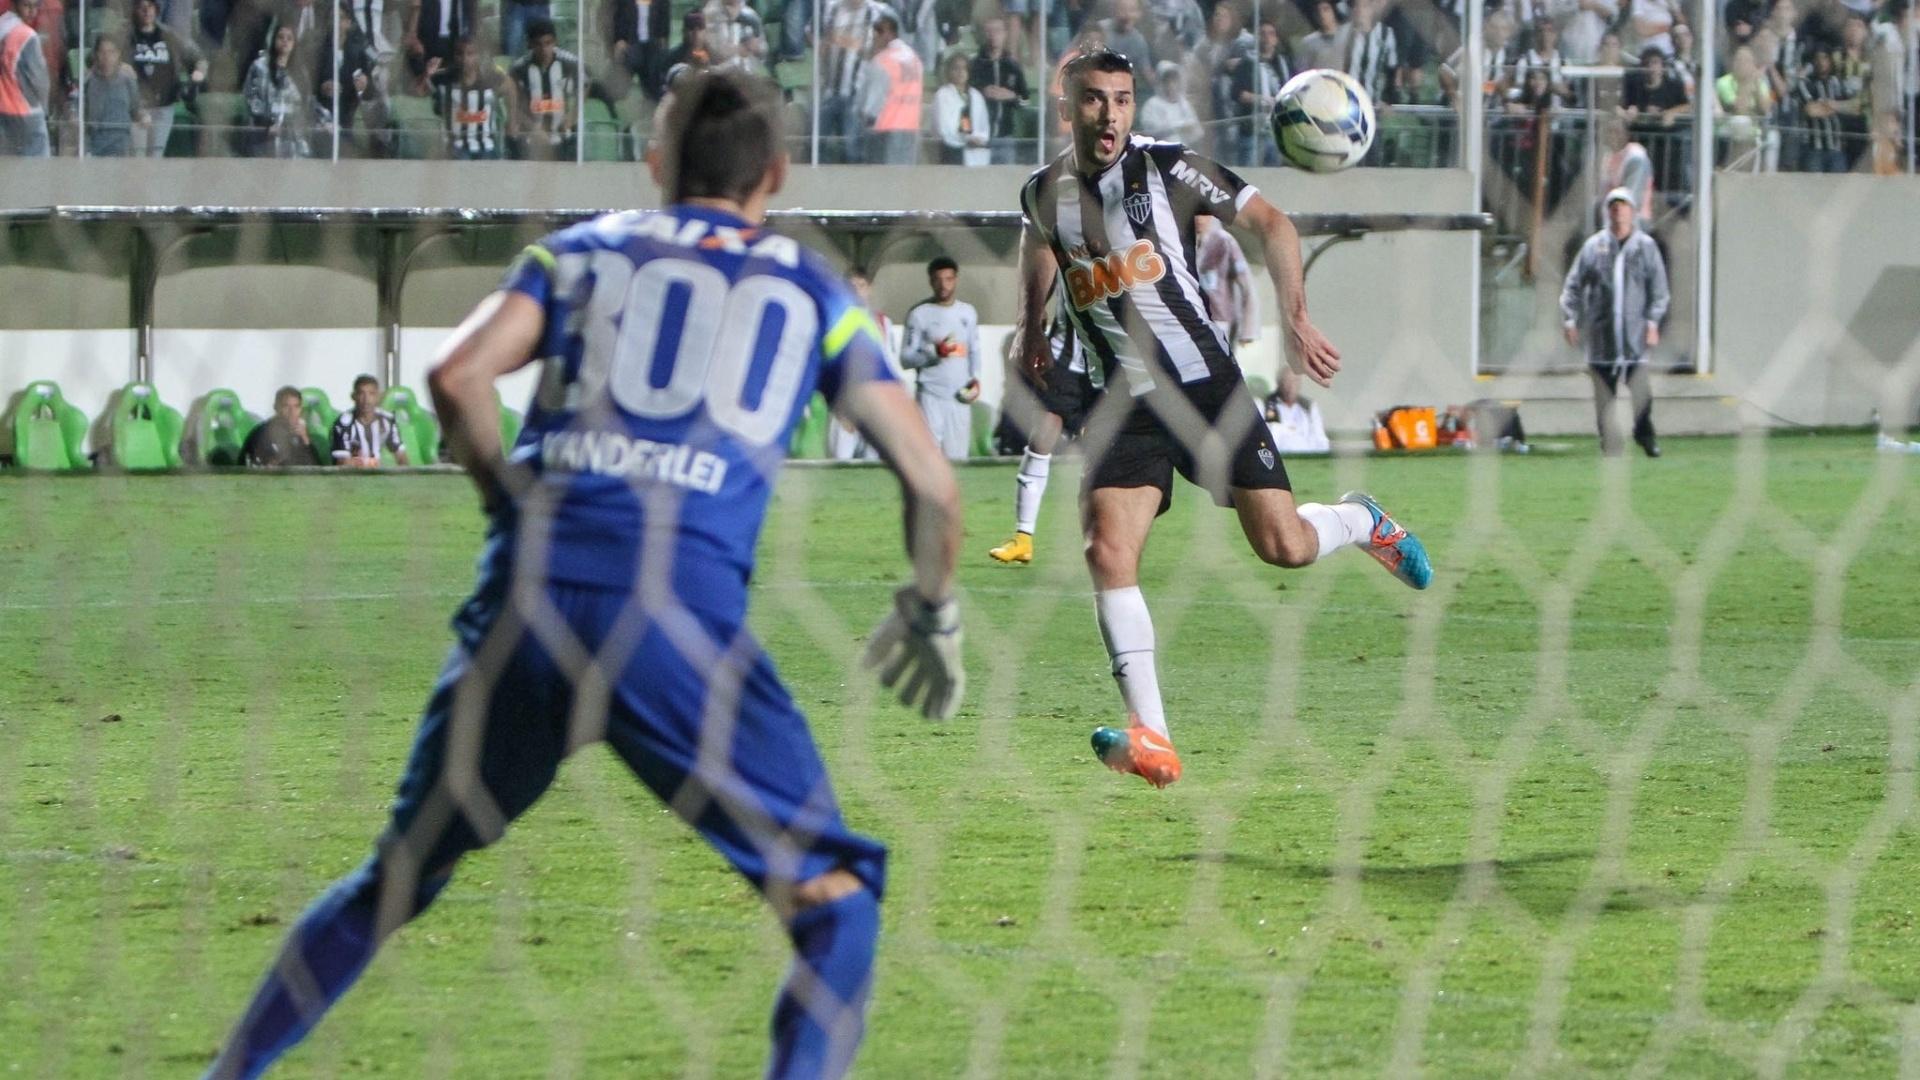 Goleiro Vanderlei, do Coritiba, usou camisa 300 em referência aos 300 jogos que fez com a equipe